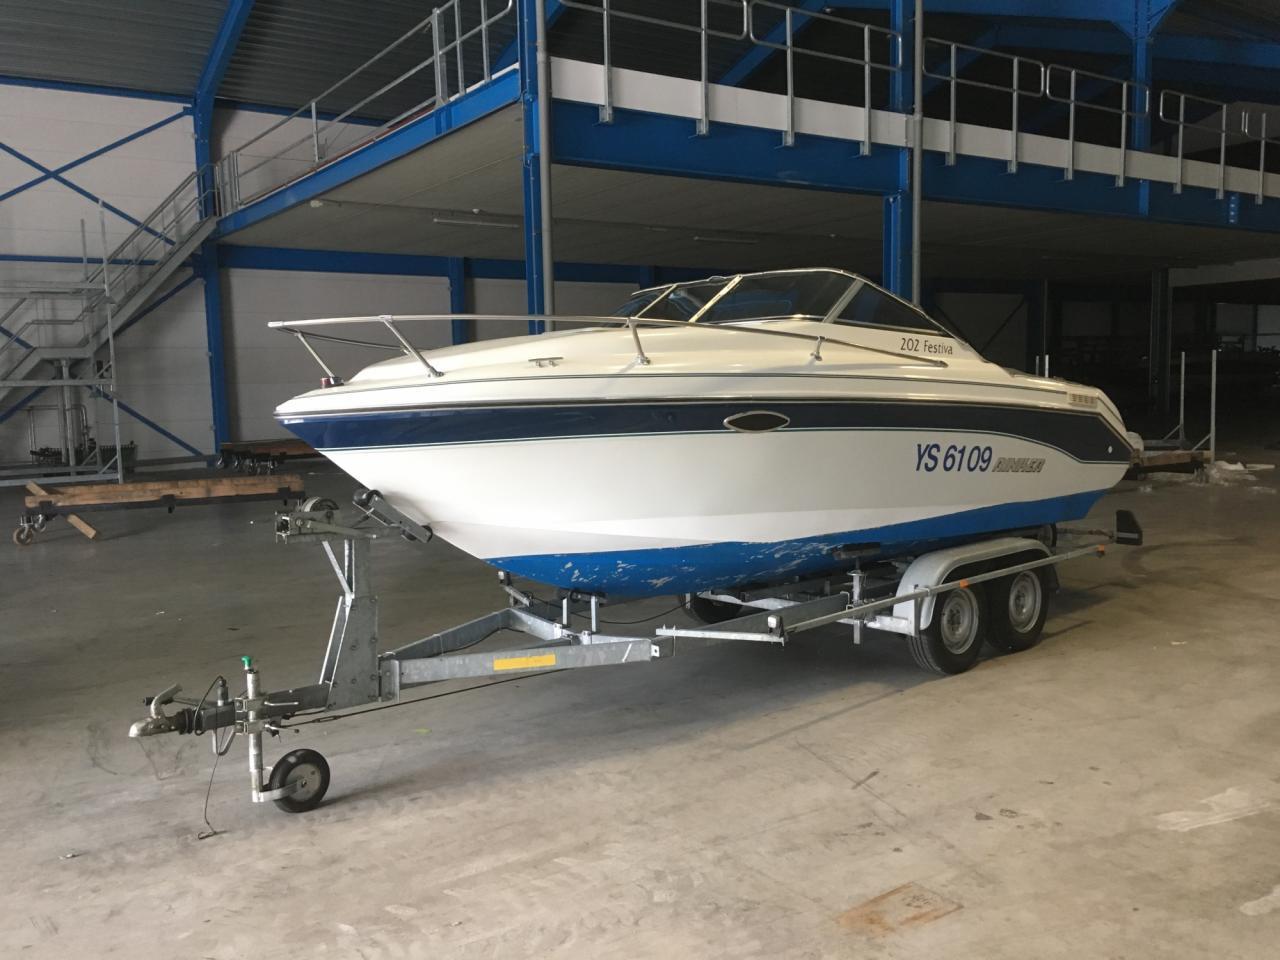 Rinker 202 Festiva met Mercruiser 4.3 liter LX 5